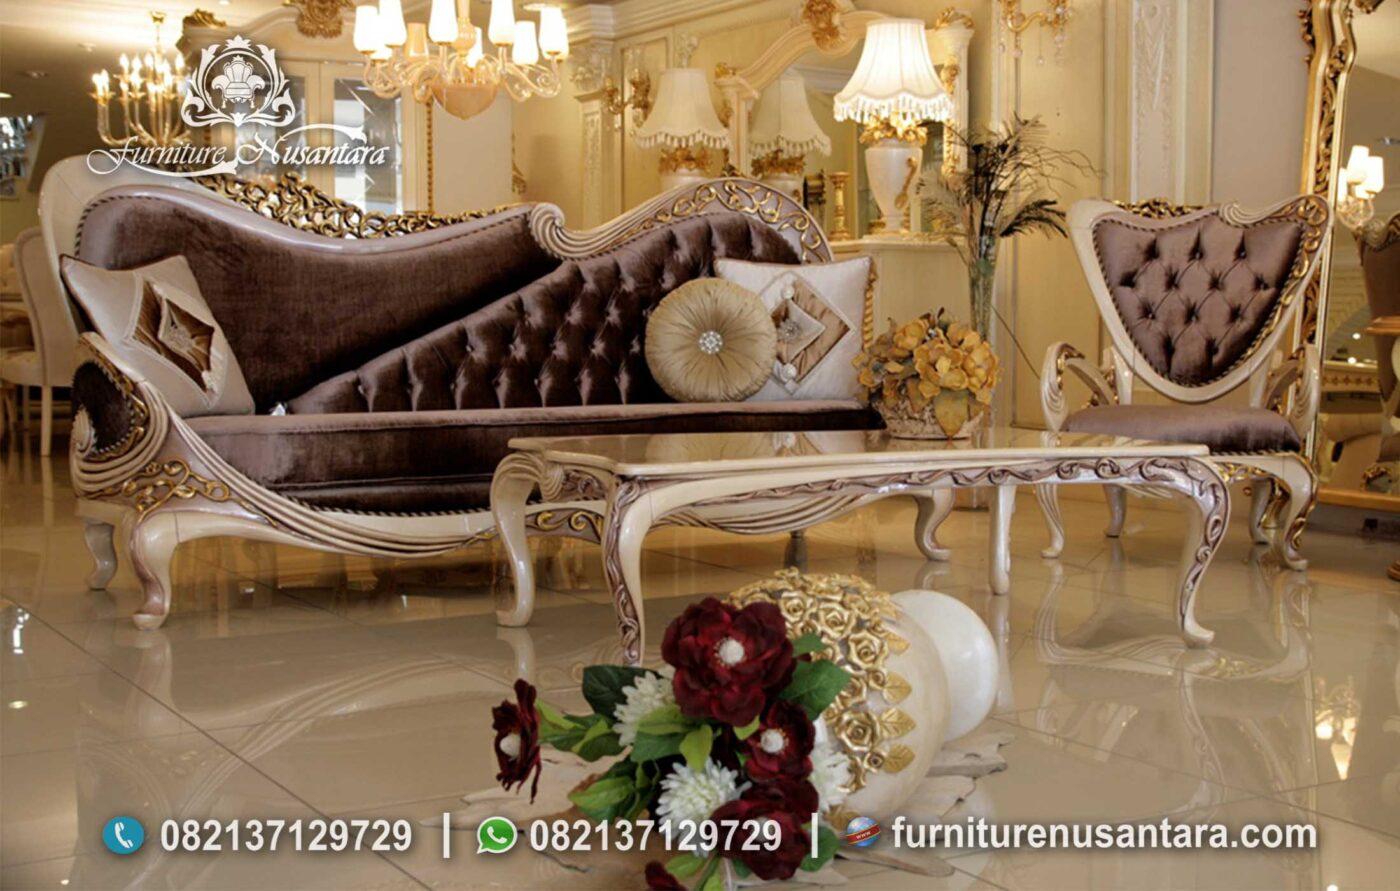 Jual Sofa Santai Ukir Jepara ST-76, Furniture Nusantara